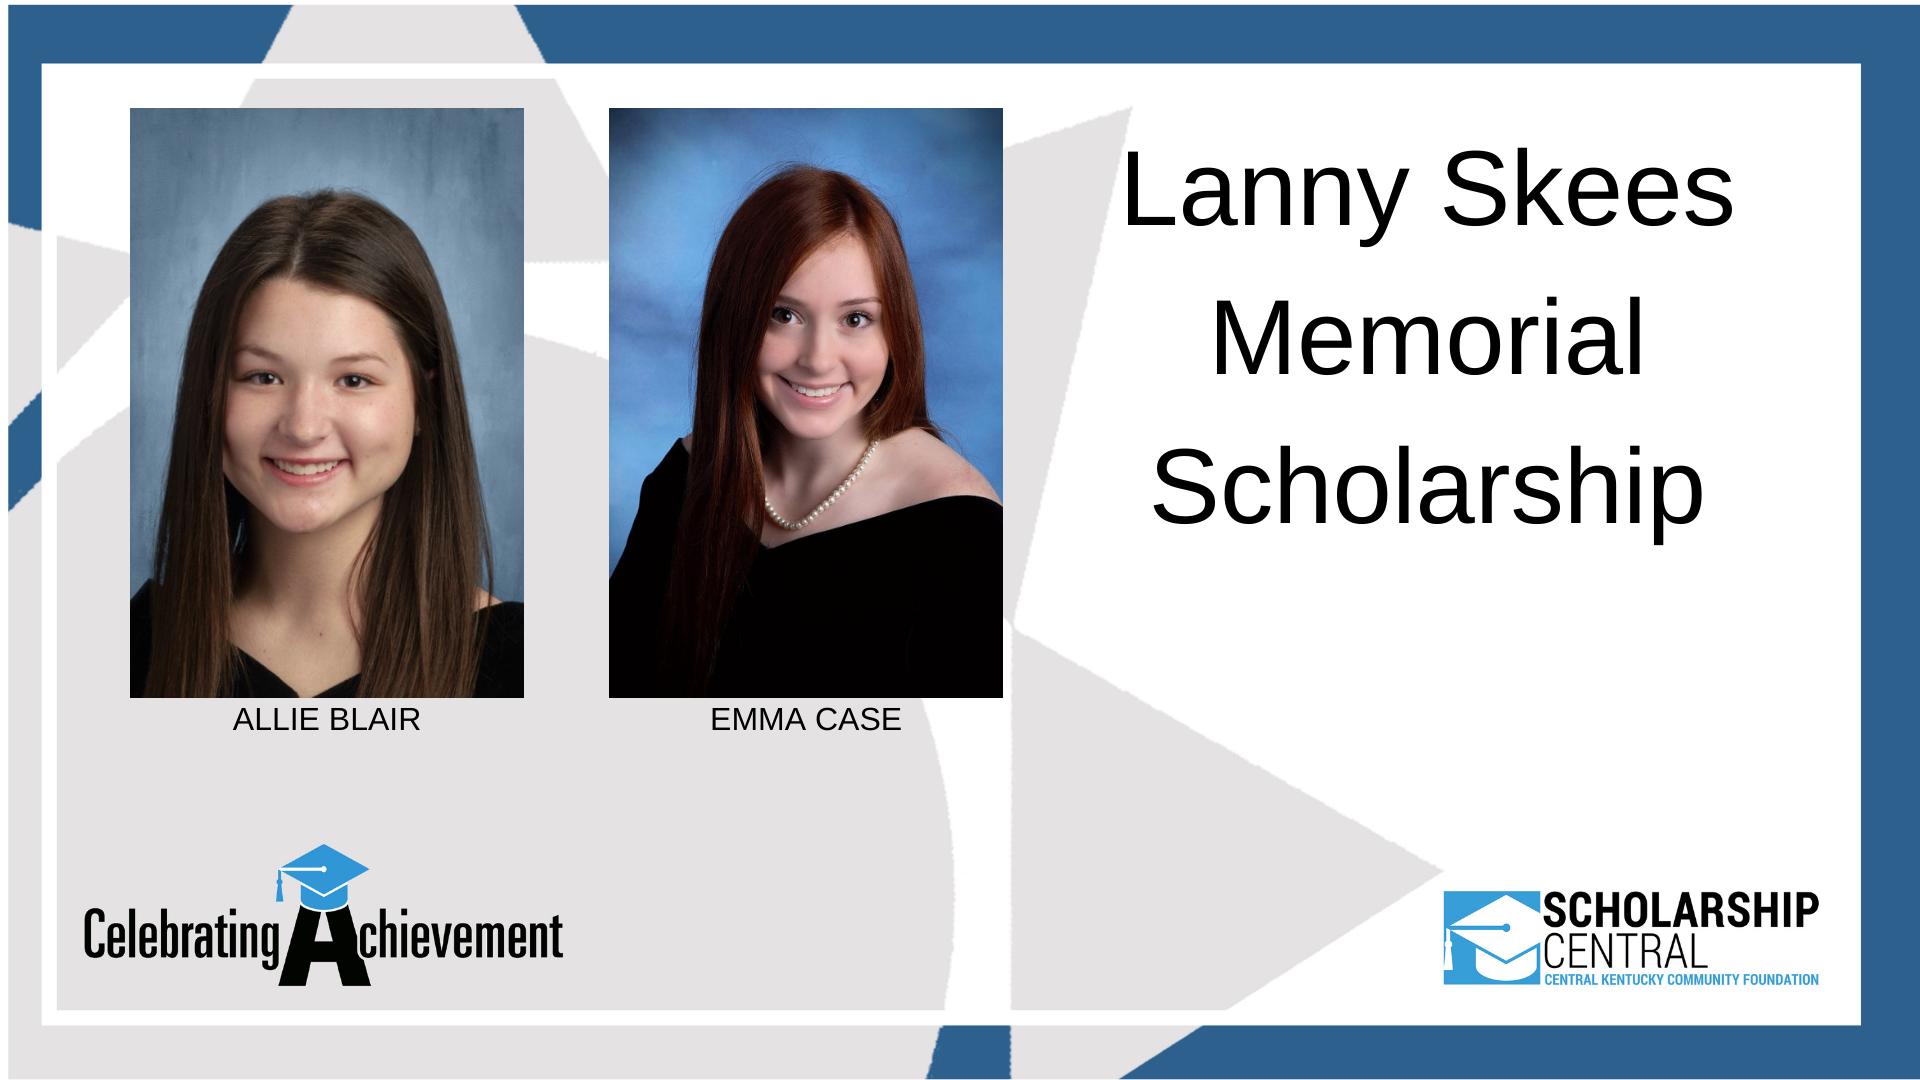 Lanny Skees Memorial Scholarship Winners